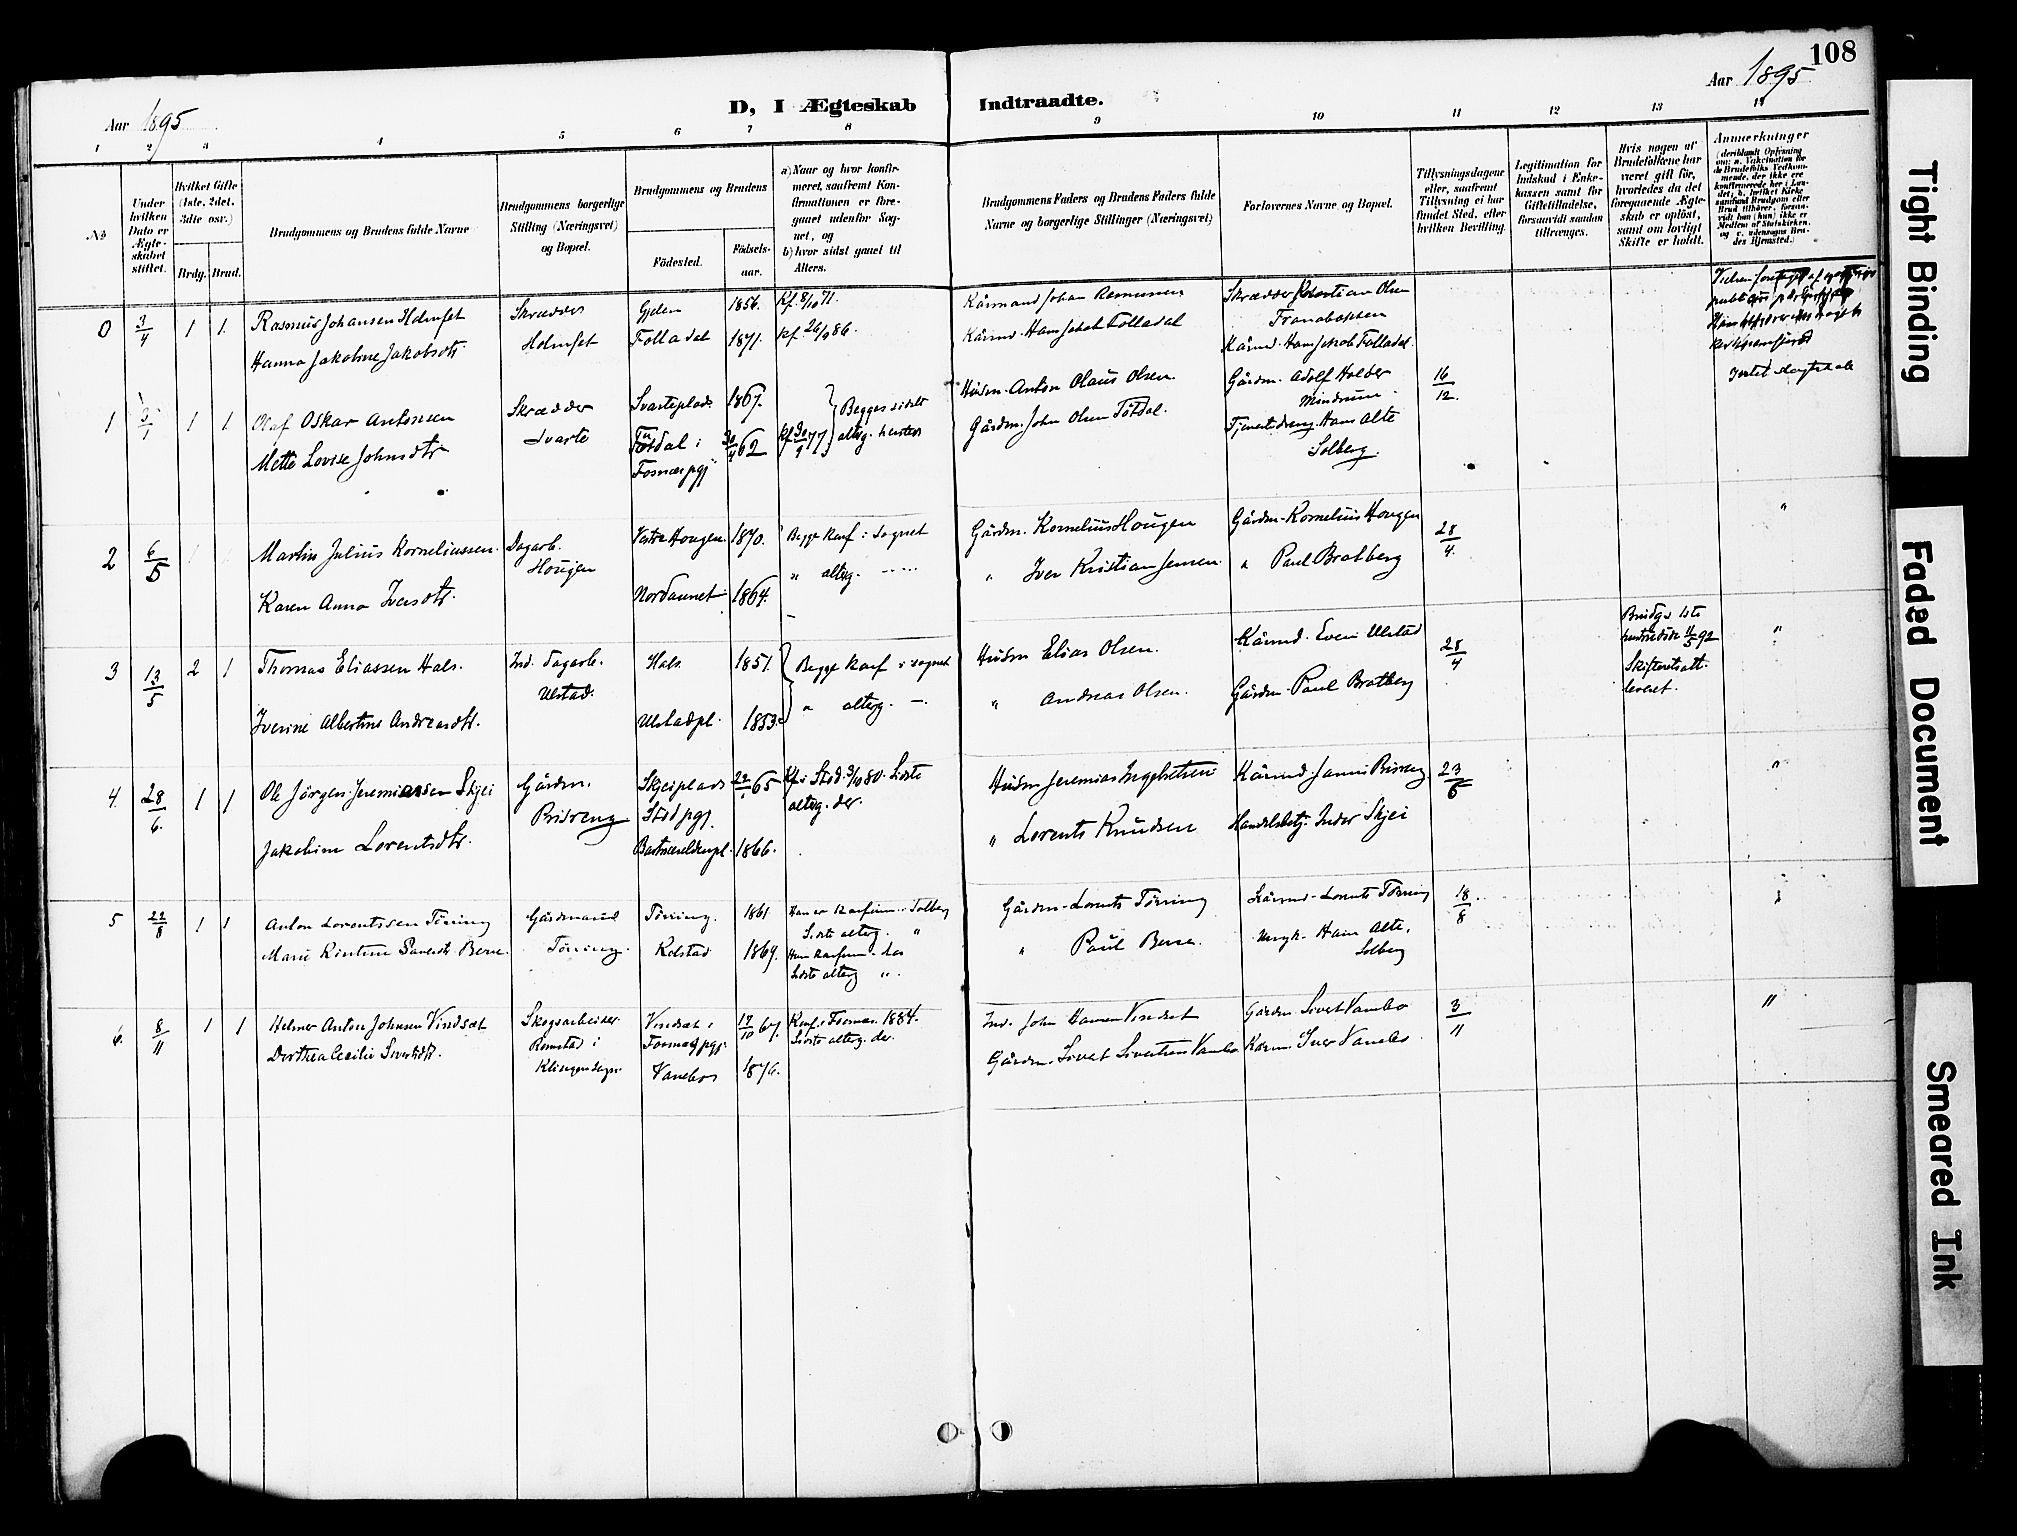 SAT, Ministerialprotokoller, klokkerbøker og fødselsregistre - Nord-Trøndelag, 741/L0396: Ministerialbok nr. 741A10, 1889-1901, s. 108